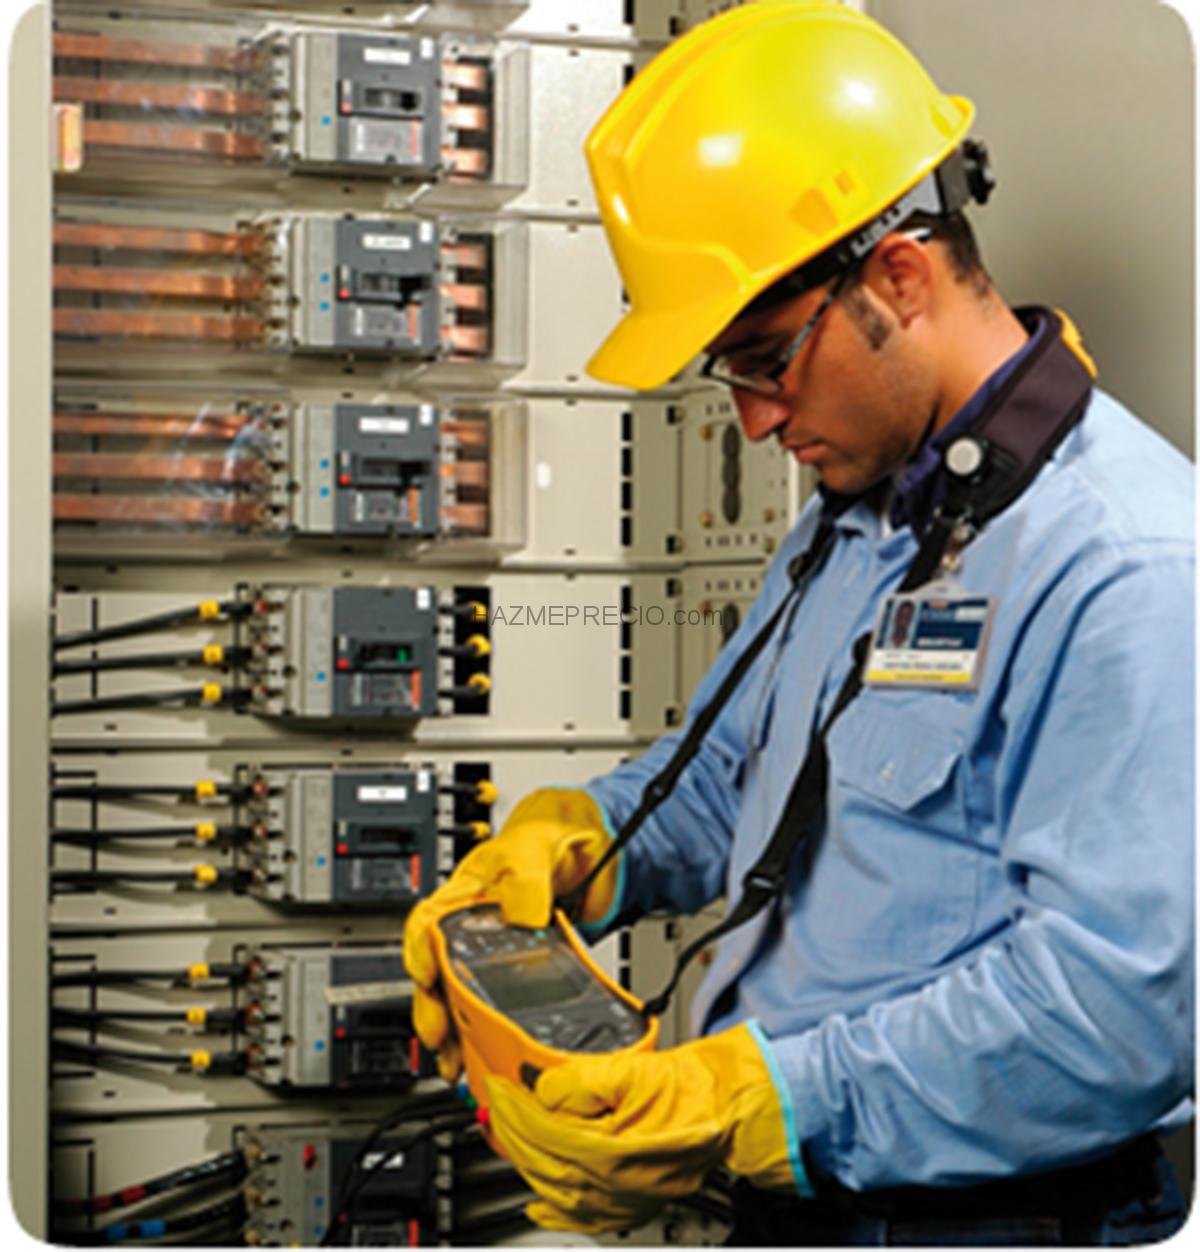 Instaladores electricos autorizados en madrid - Electricistas en madrid ...